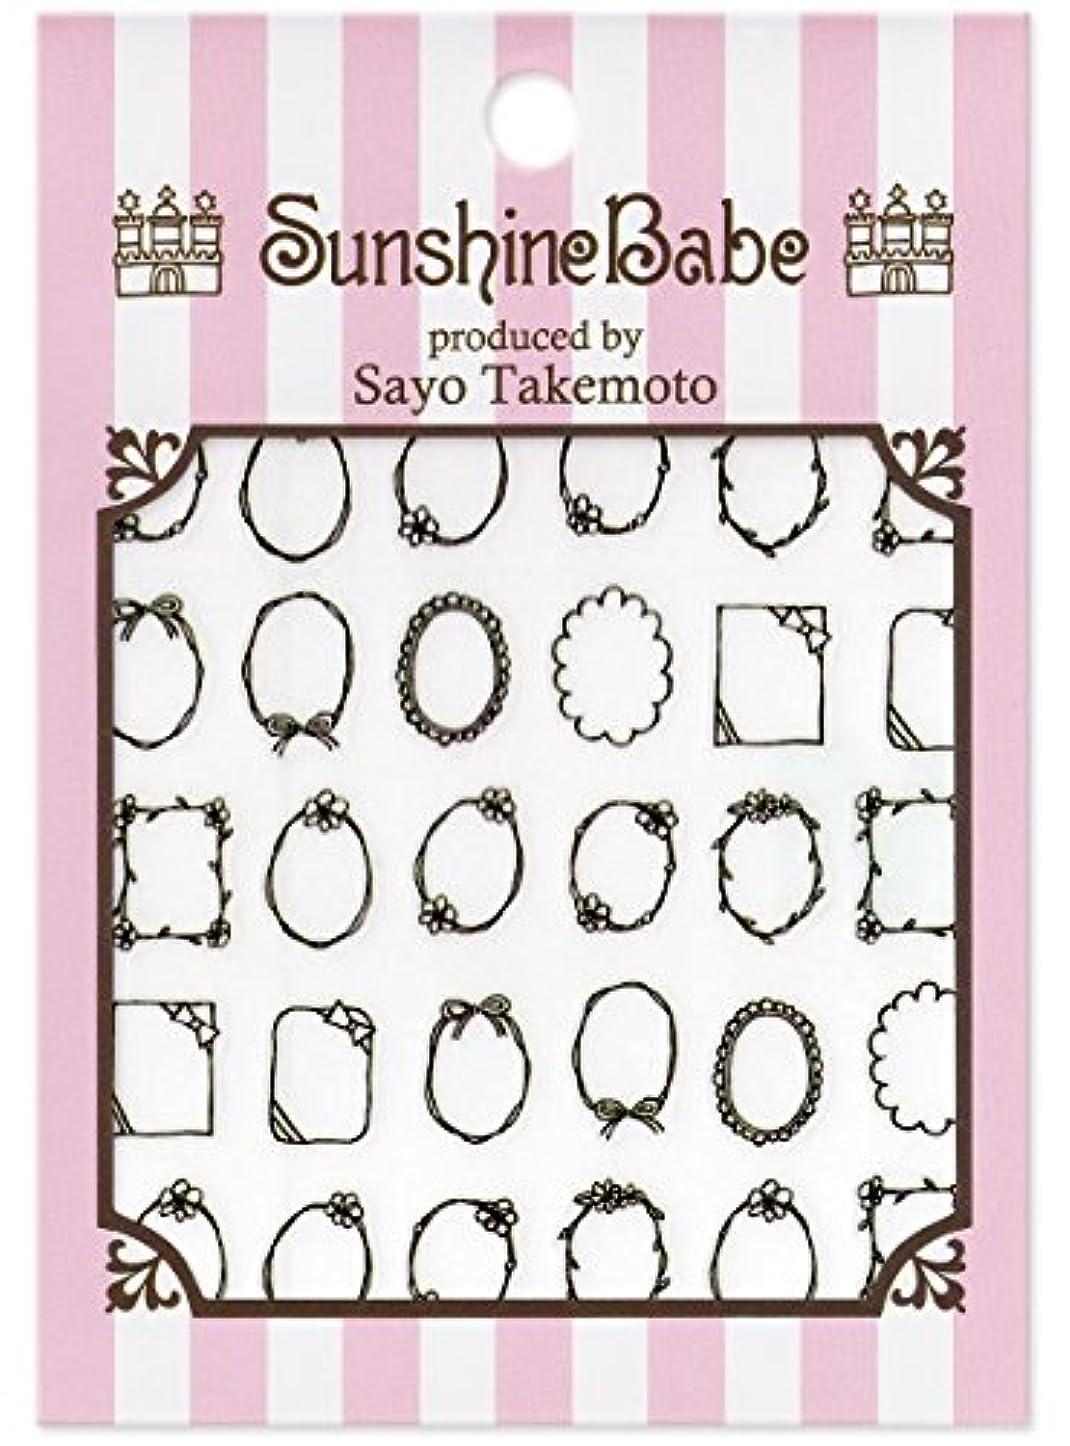 誠実さかもしれない馬鹿サンシャインベビー ネイルシール 武本小夜の Sayo Style 手描きフレーム(ブラック)